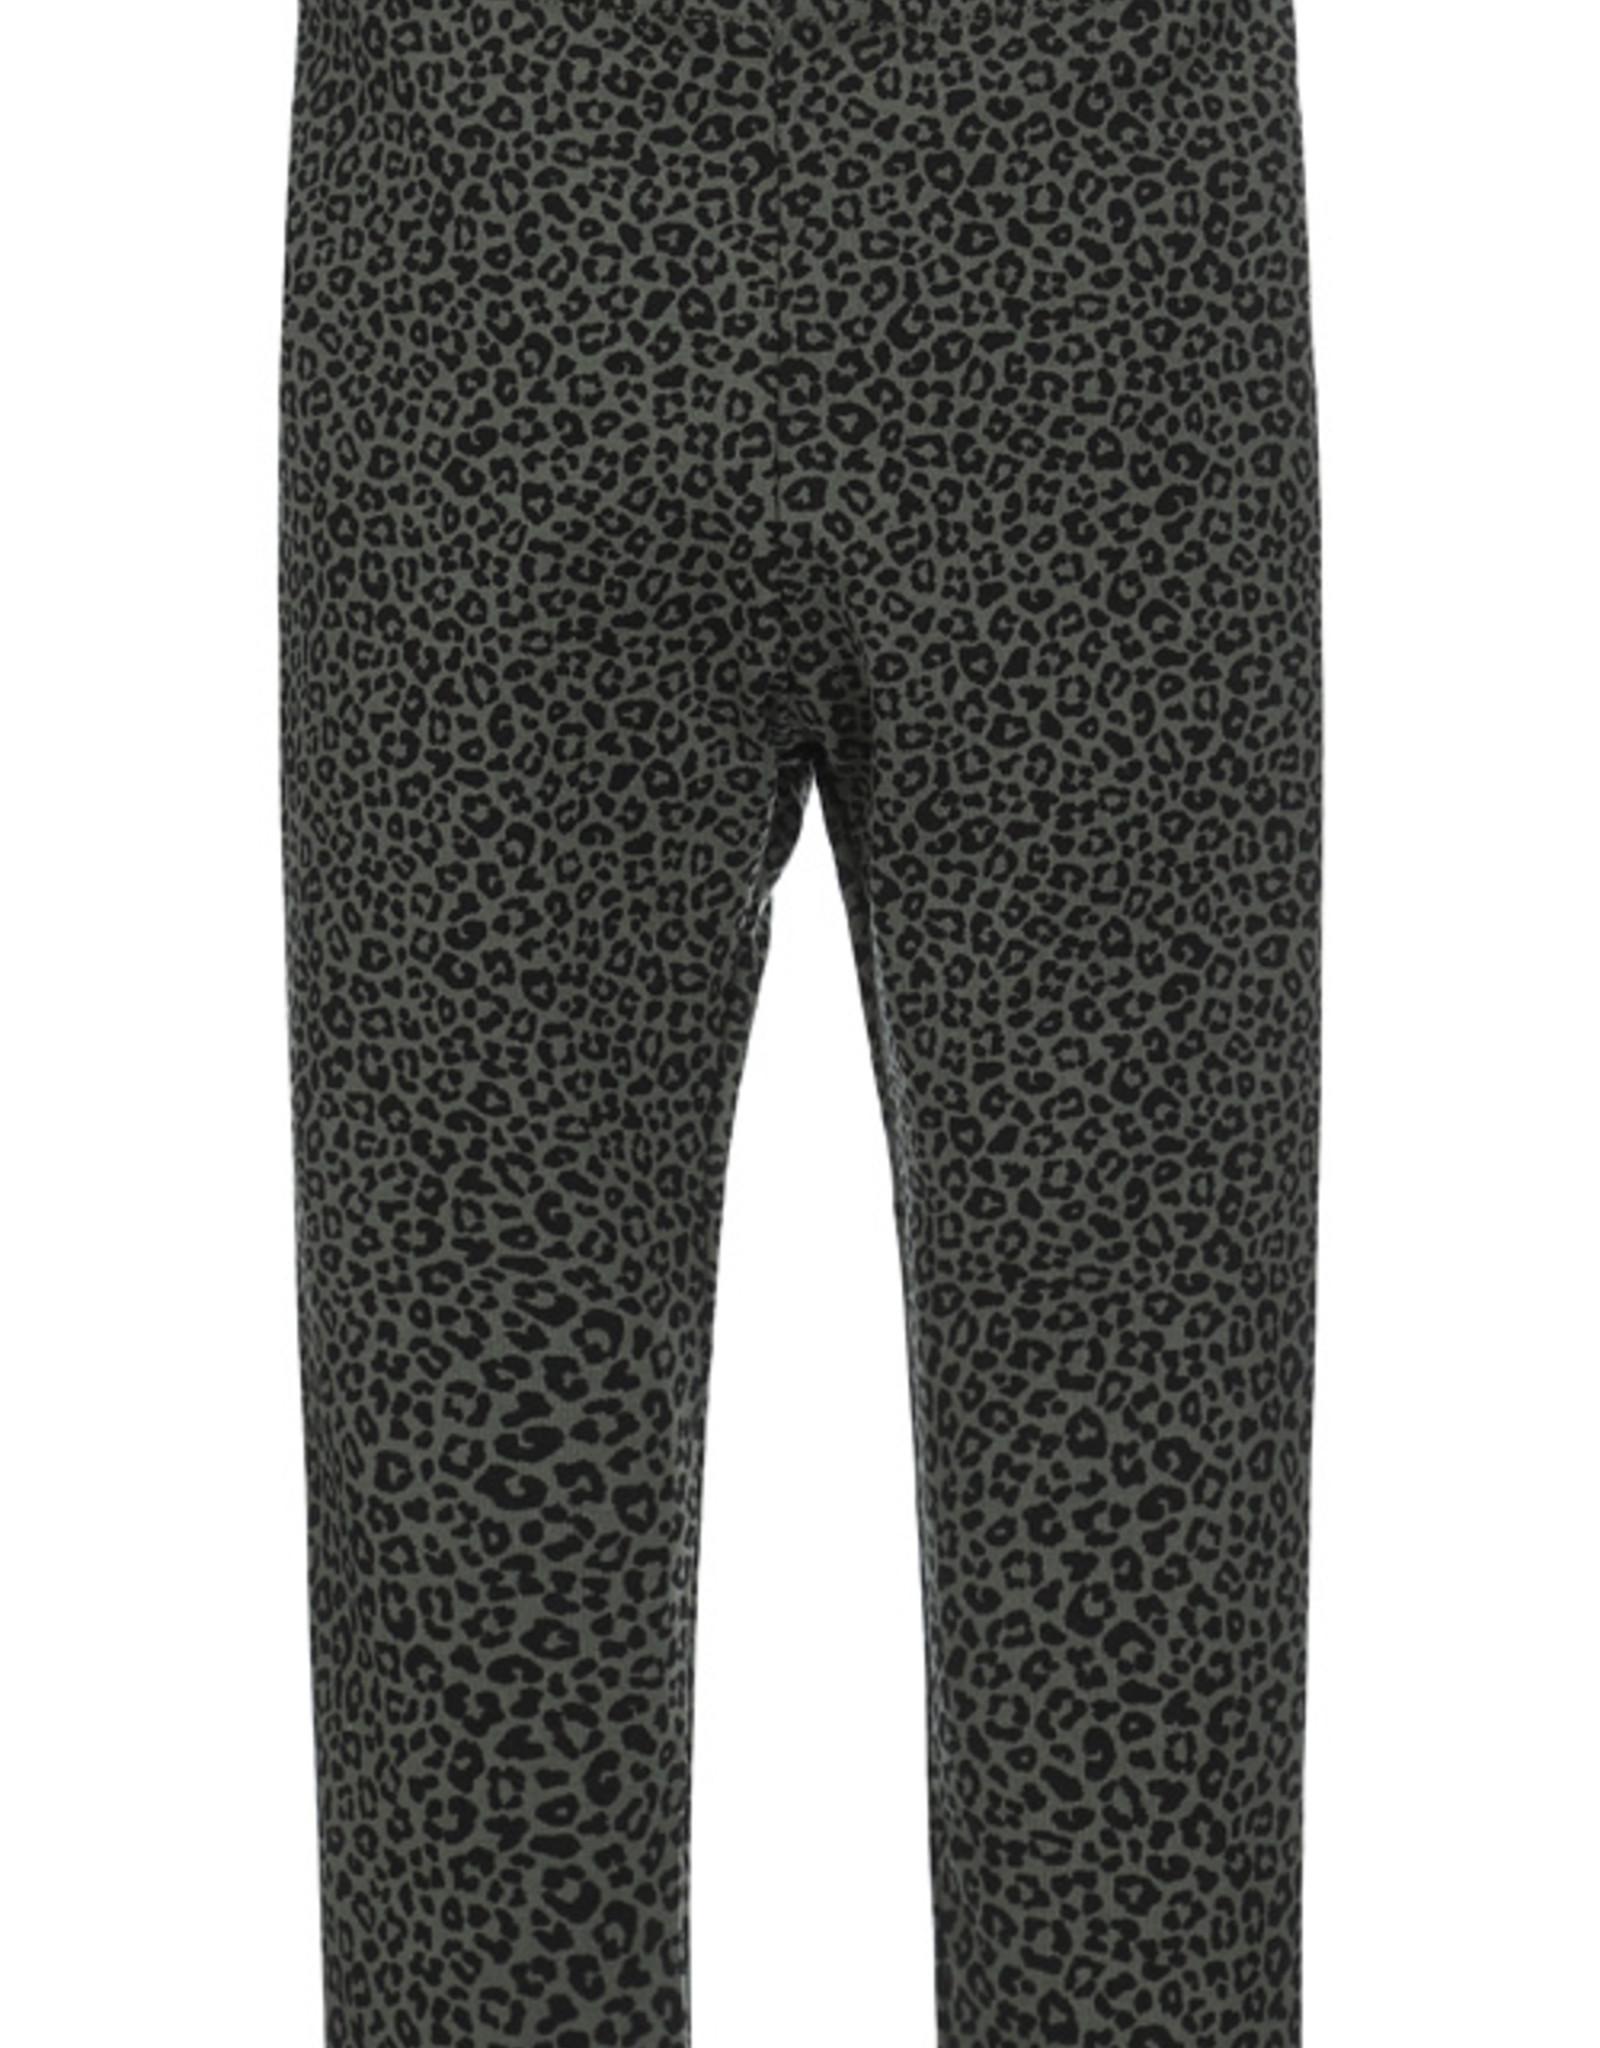 Legging Leopard Khaki